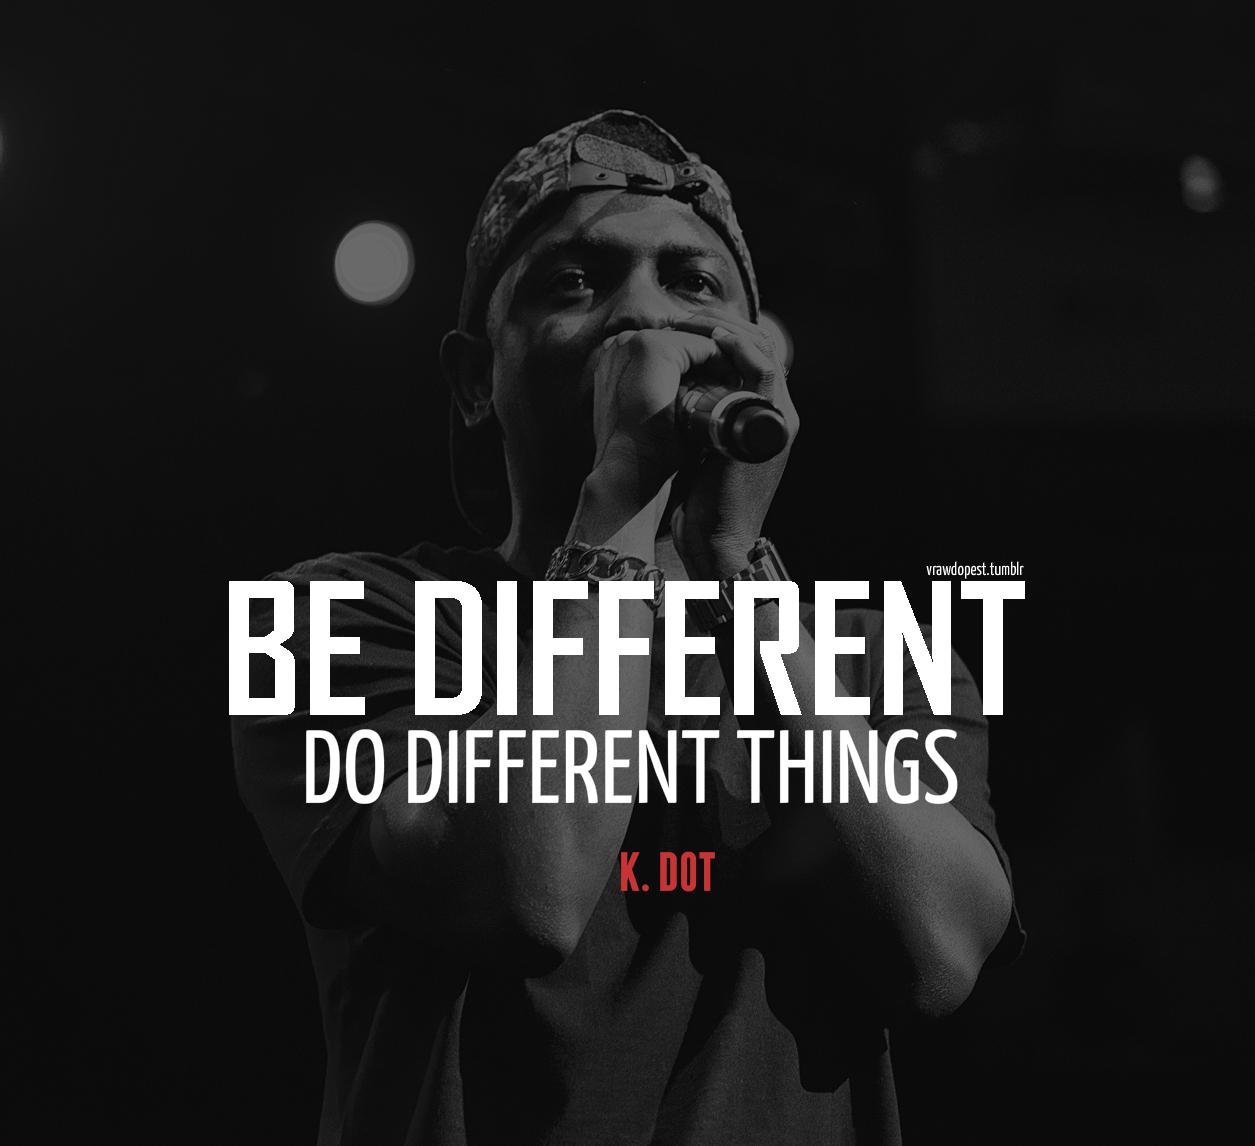 Kendrick Lamar Tumblr Quotes | www.pixshark.com - Images ...